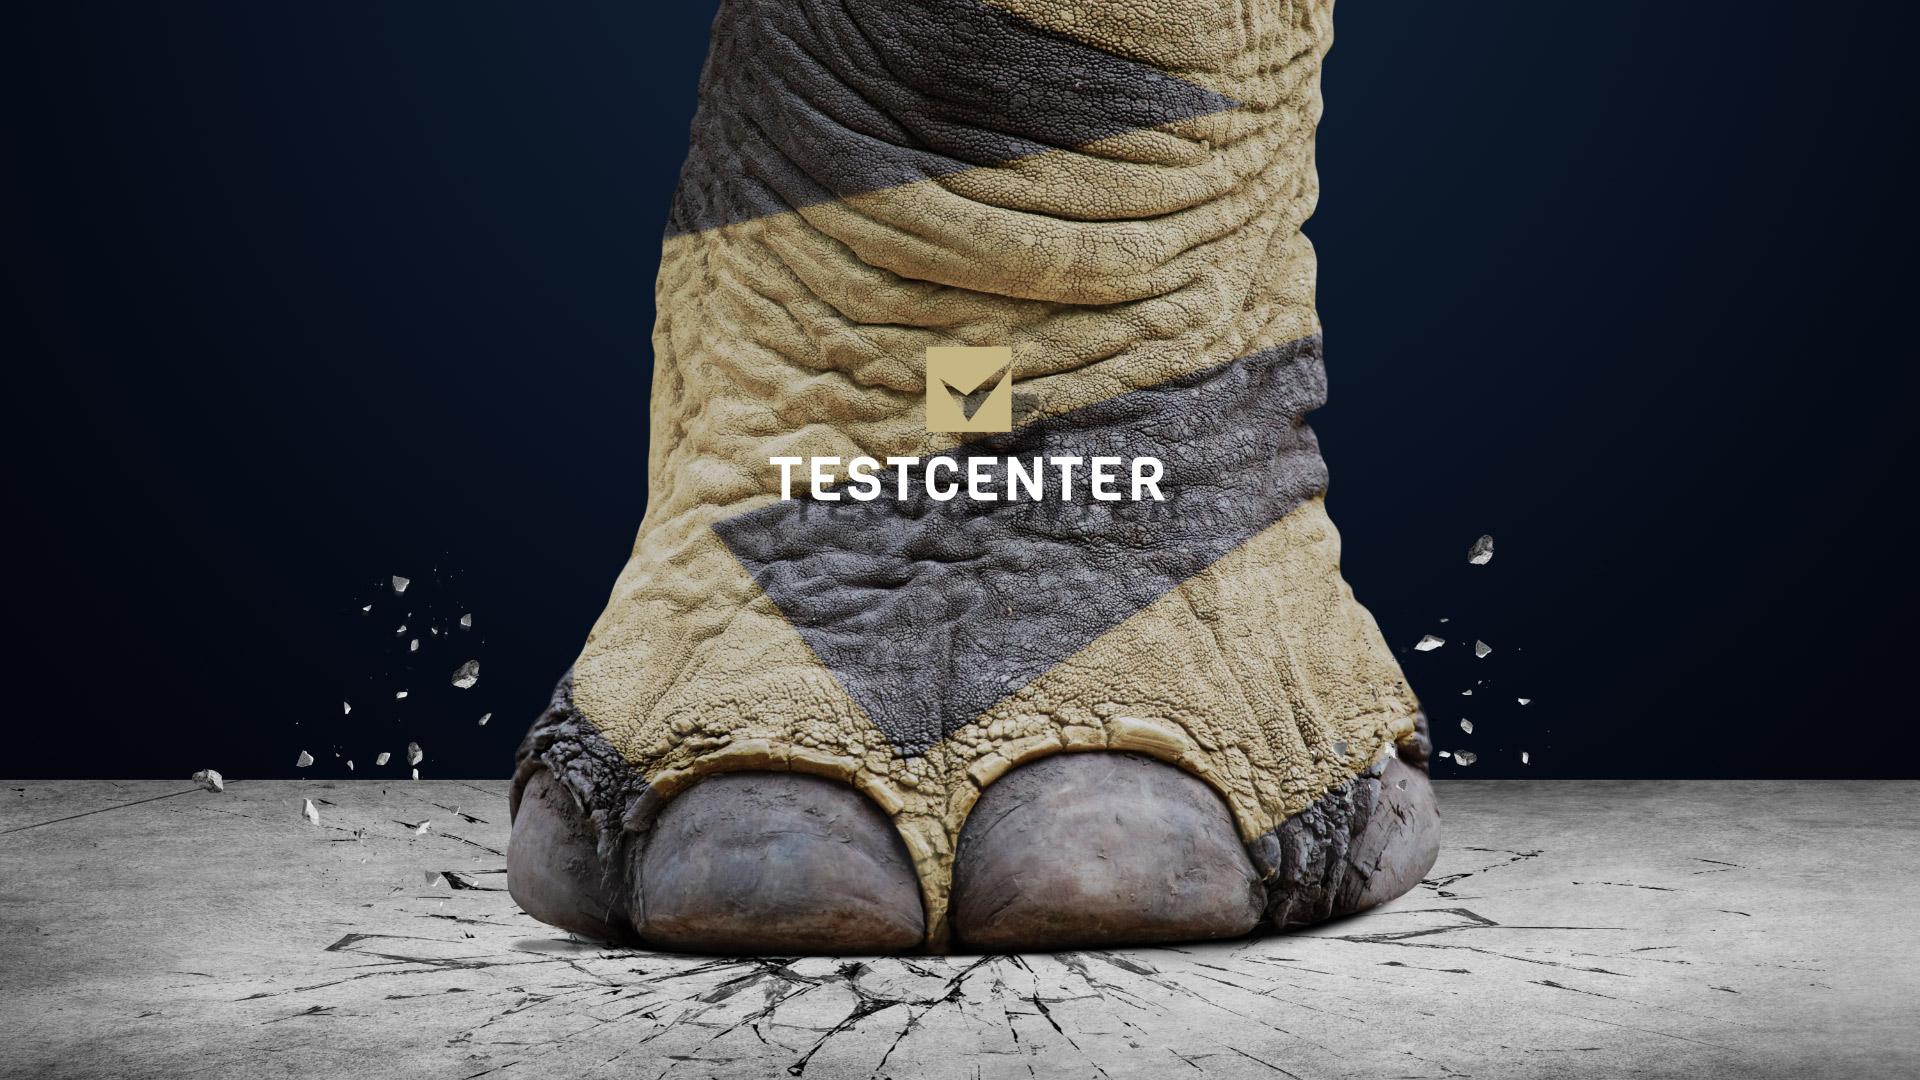 testcenter_1920x1080.jpg